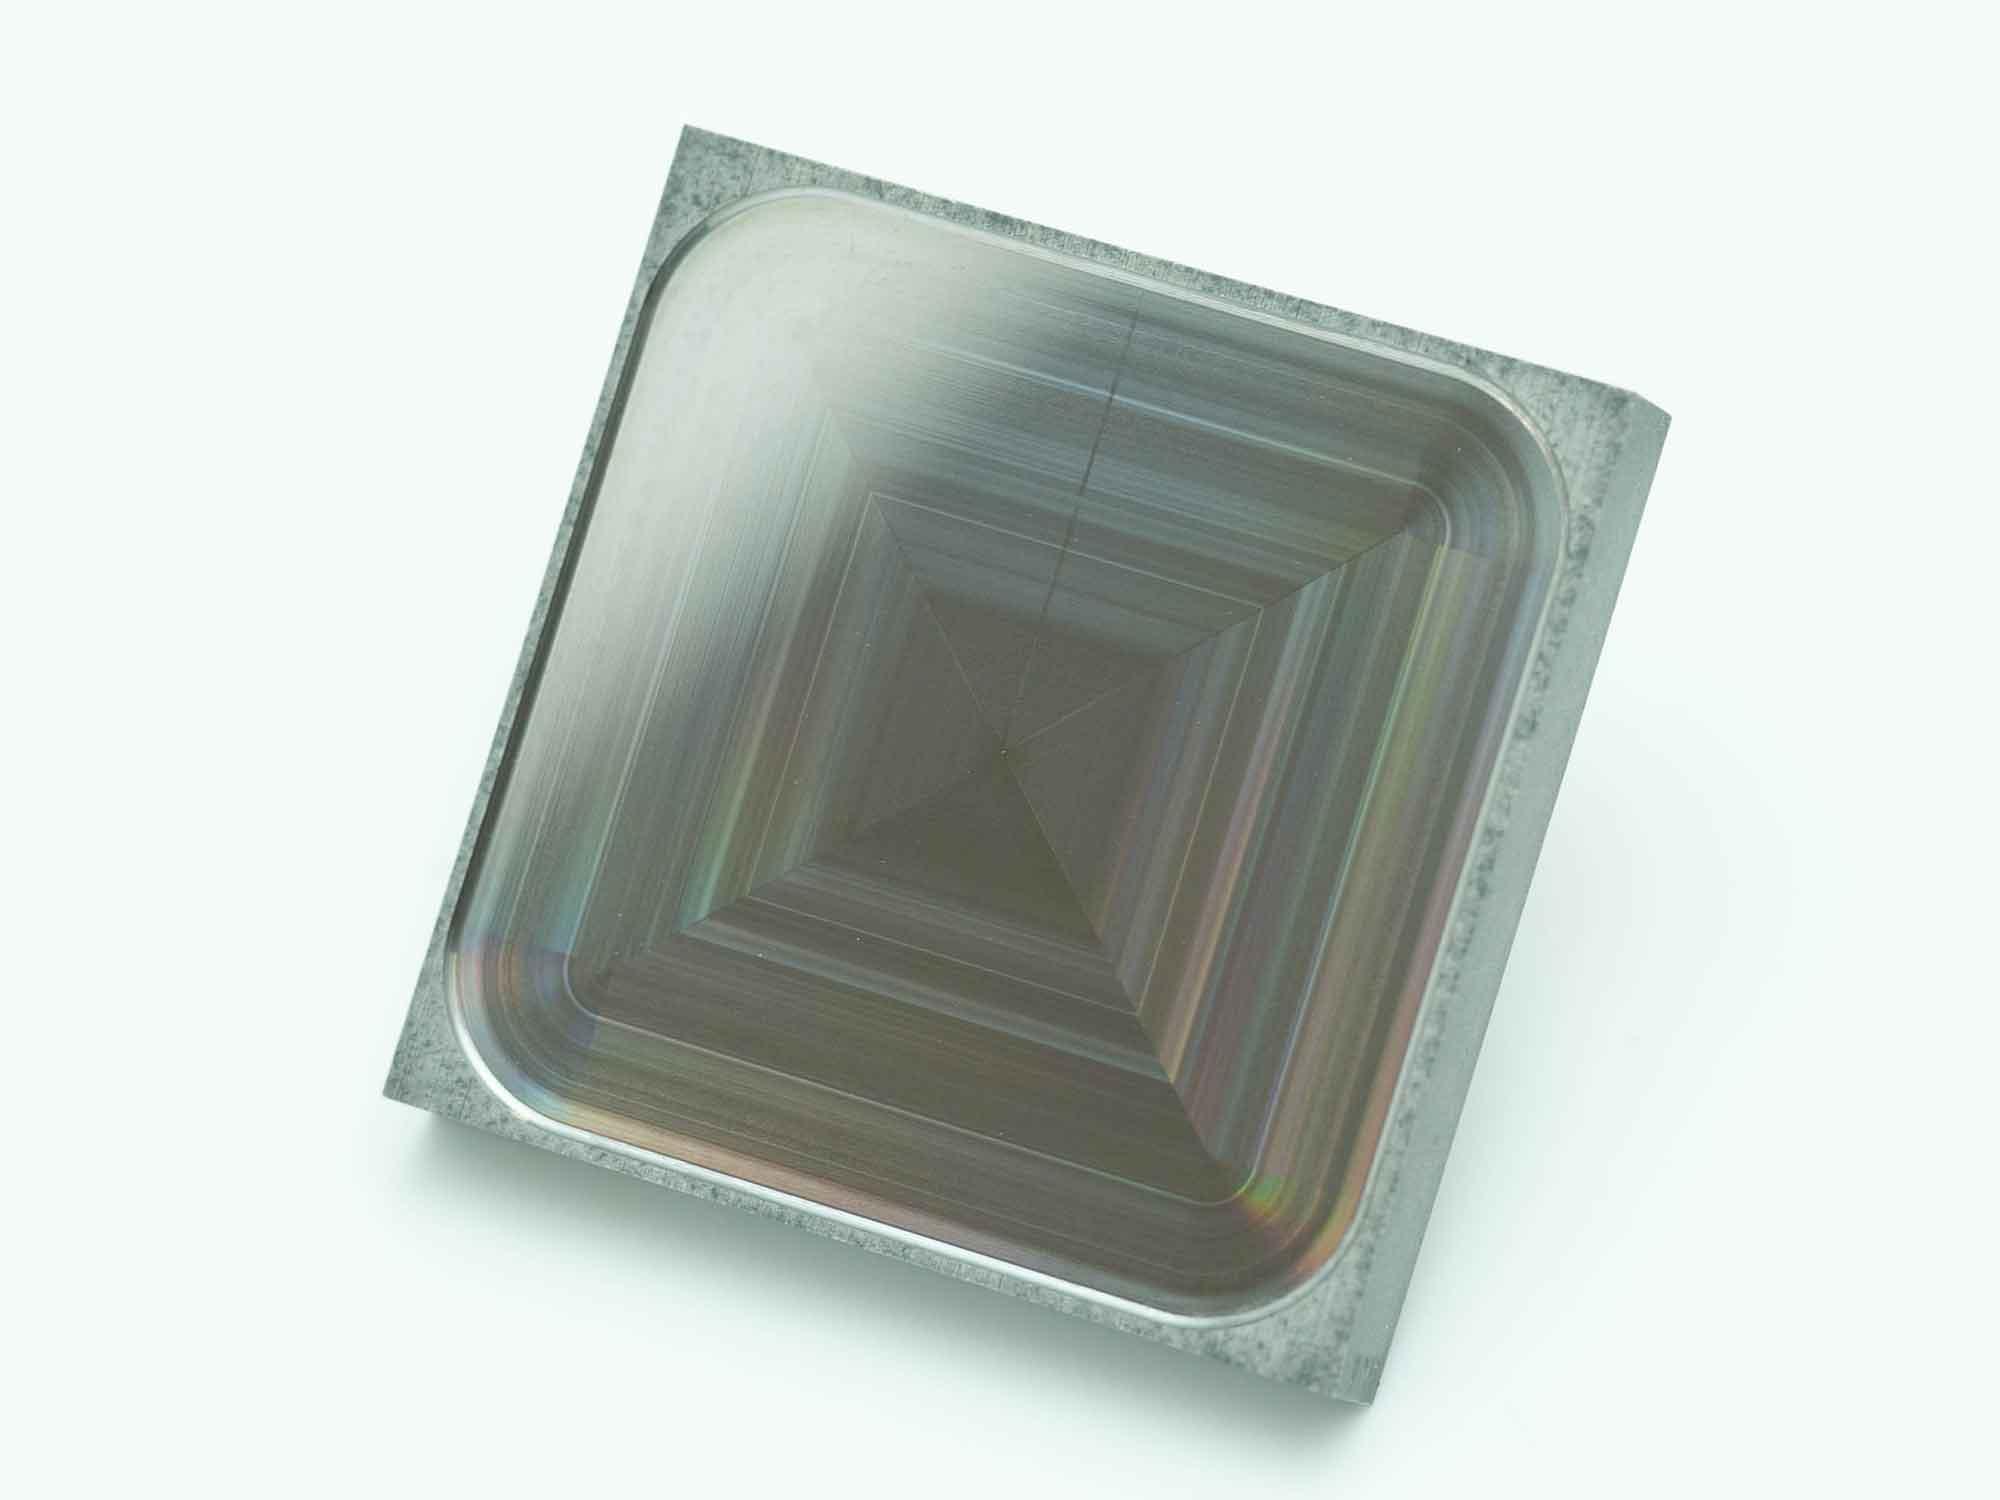 超硬金属の平面部分の鏡面仕上げを切削のみで加工